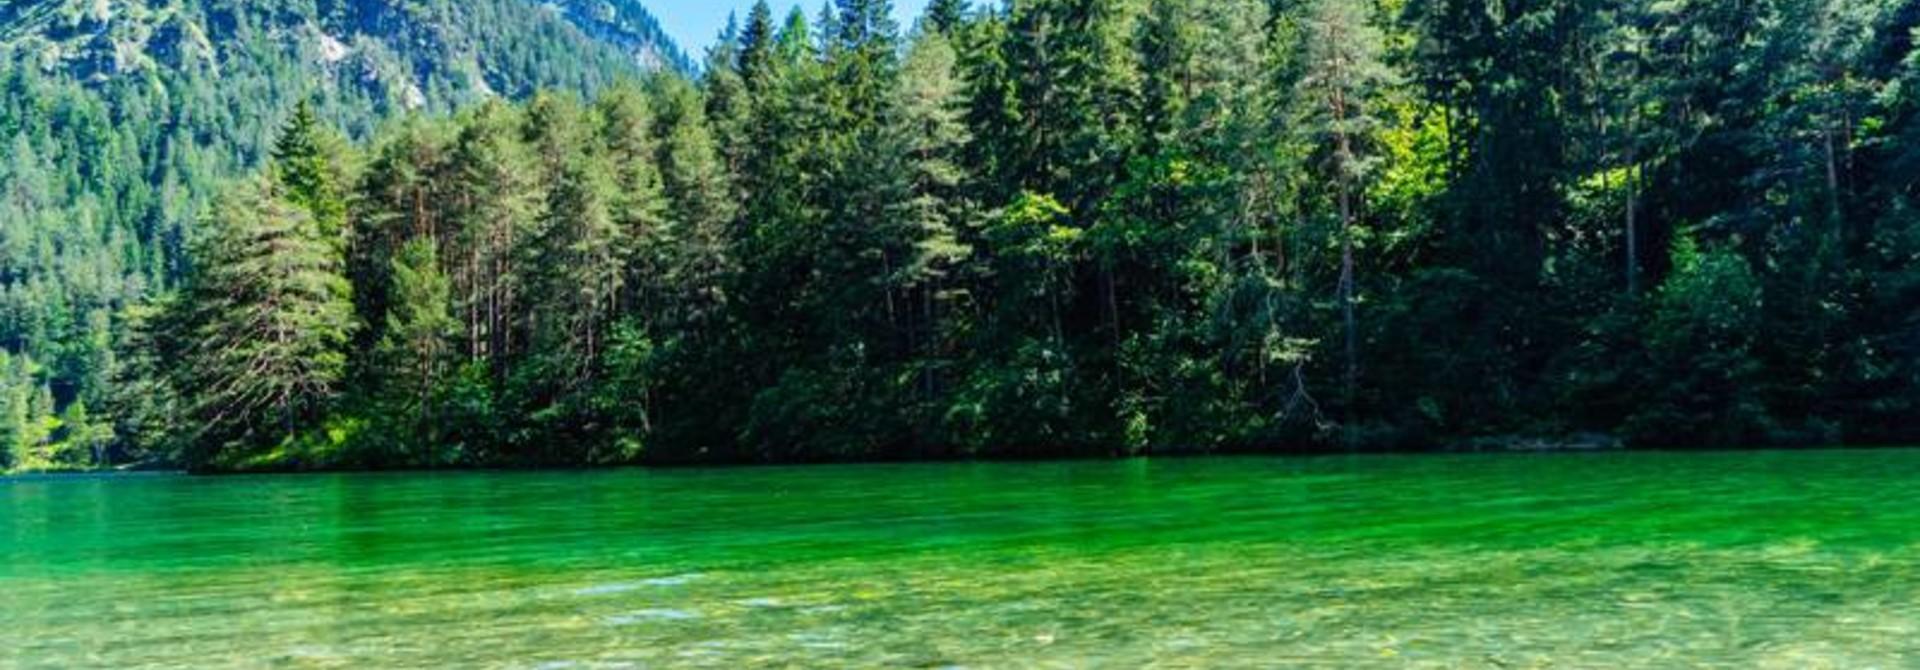 Sommergrüße vom Fernsteinsee